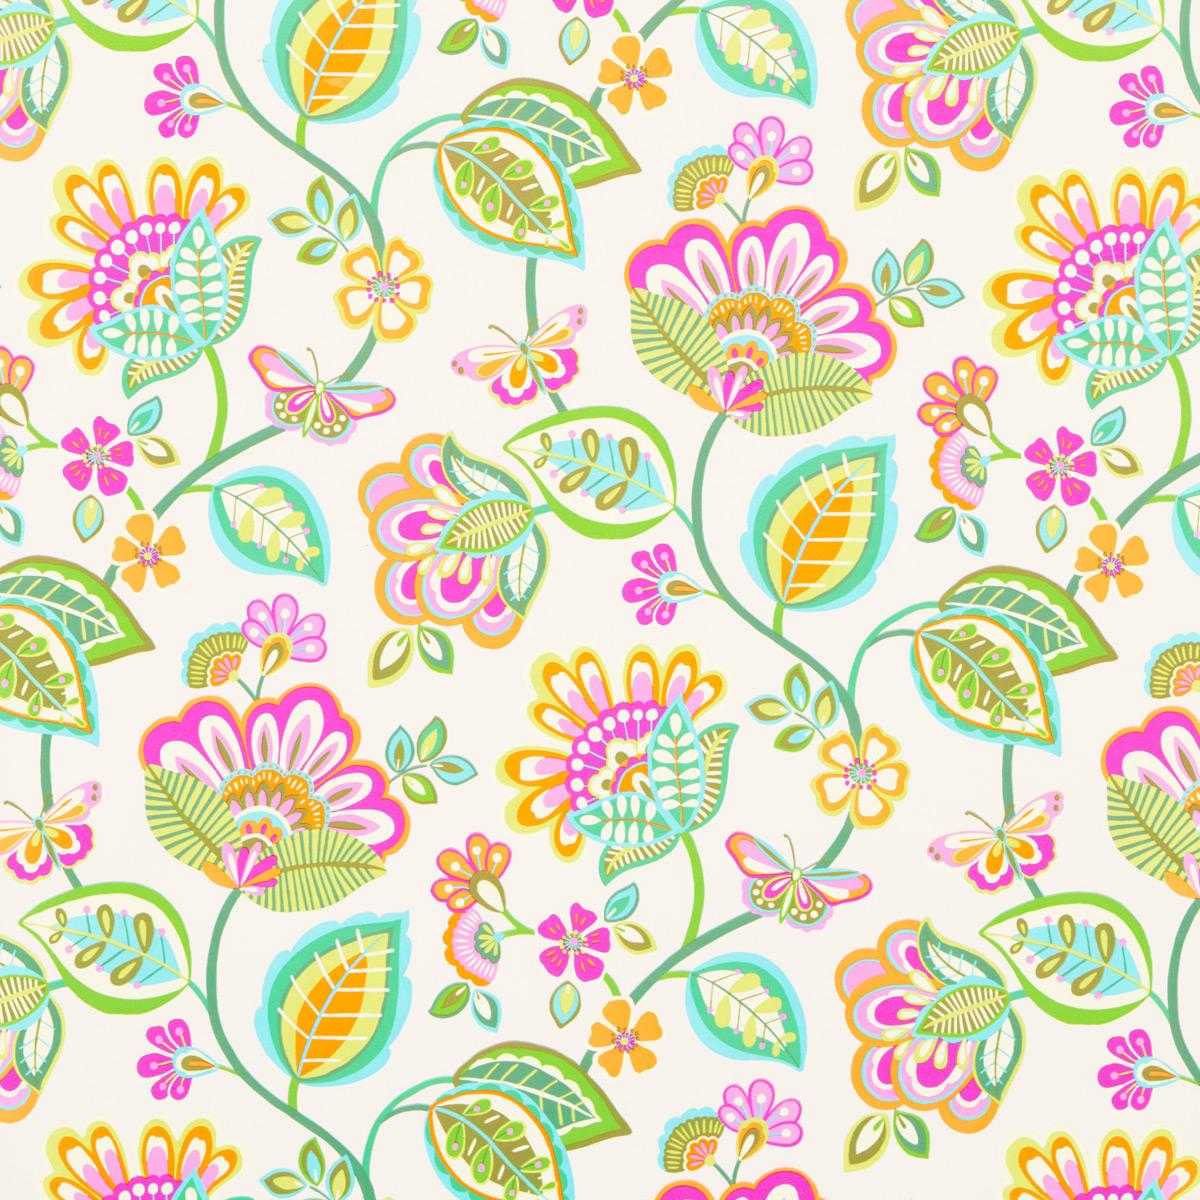 Wrap Deco Floral